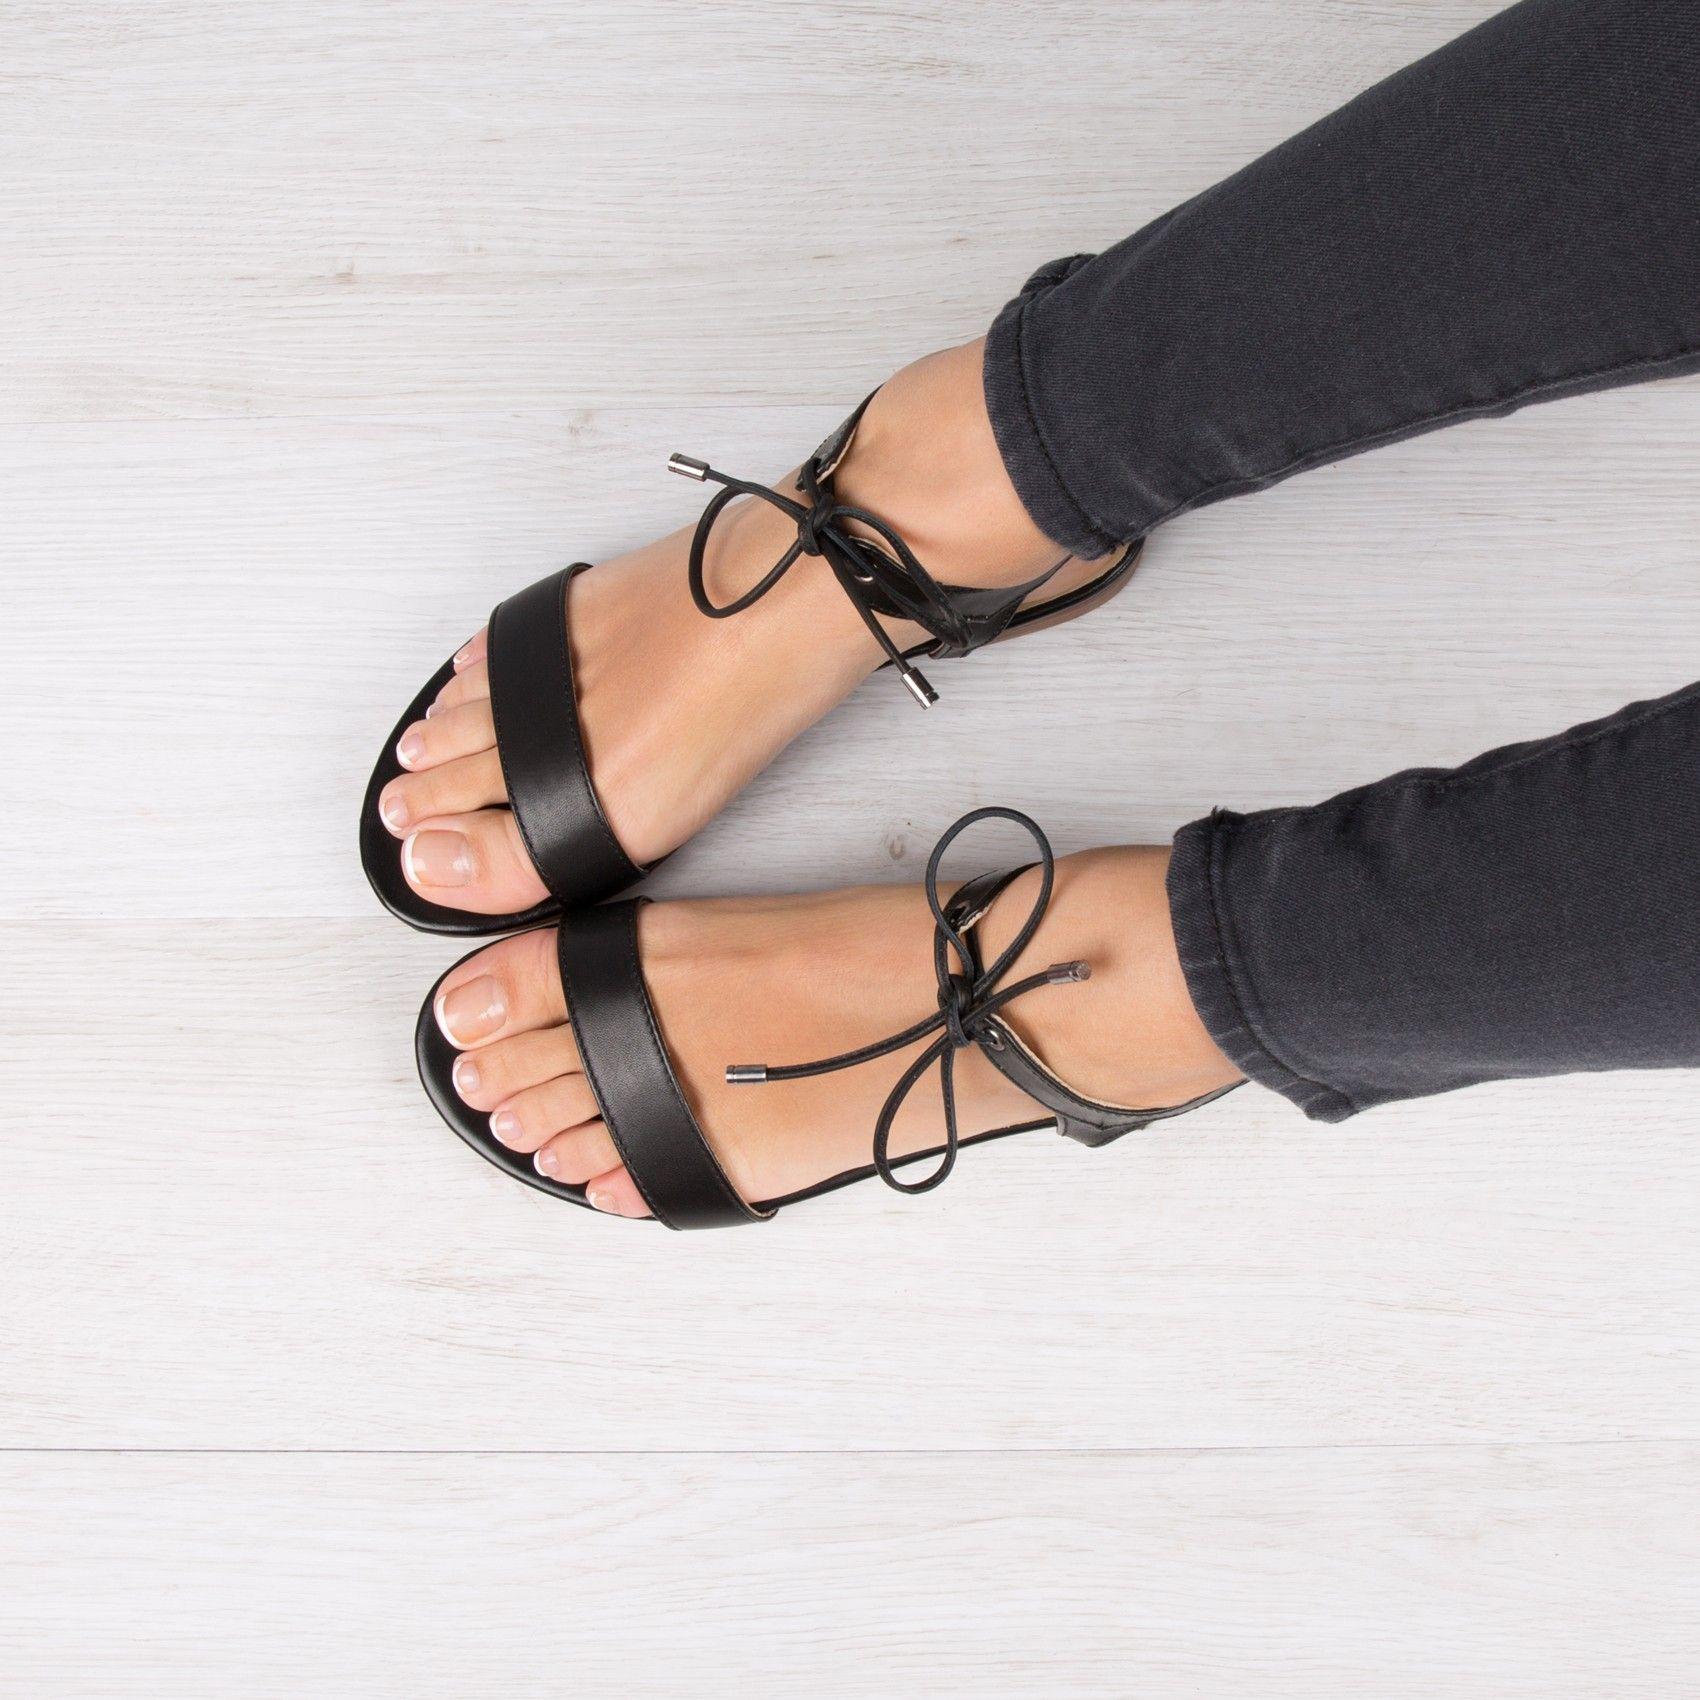 316450a630ffab Nu pieds noir tendance | Fringues Ect... | Chaussures sandales, Pied ...